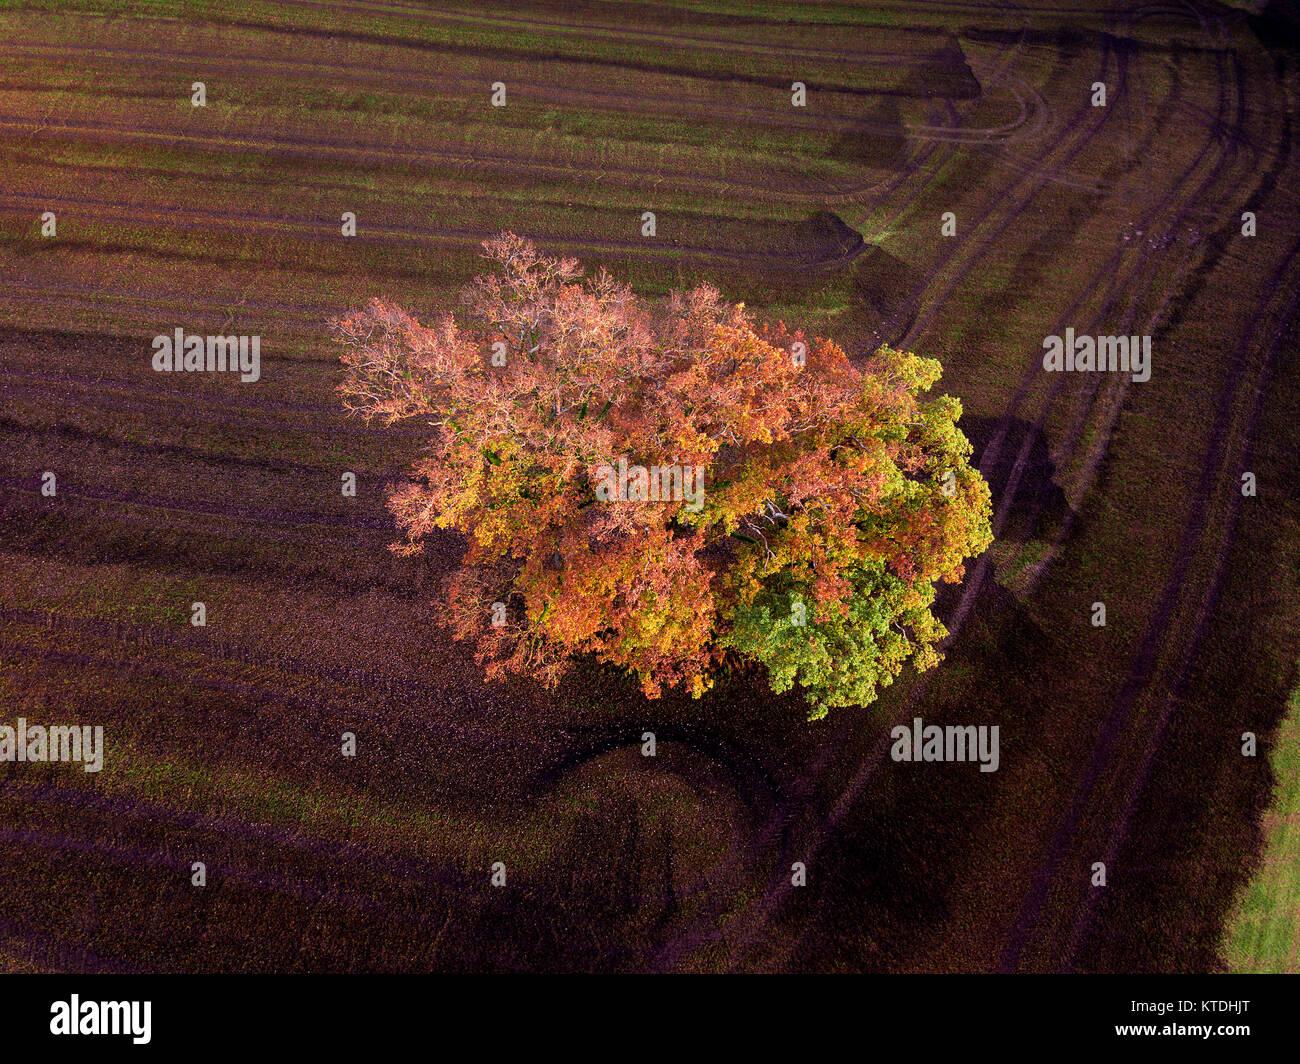 Bunte Felder im Herbst; Landsberieder, farbenfrohe Buche, einzelner Baum auf dem Feld, gedüngtes Feld, Odel, - Stock Image